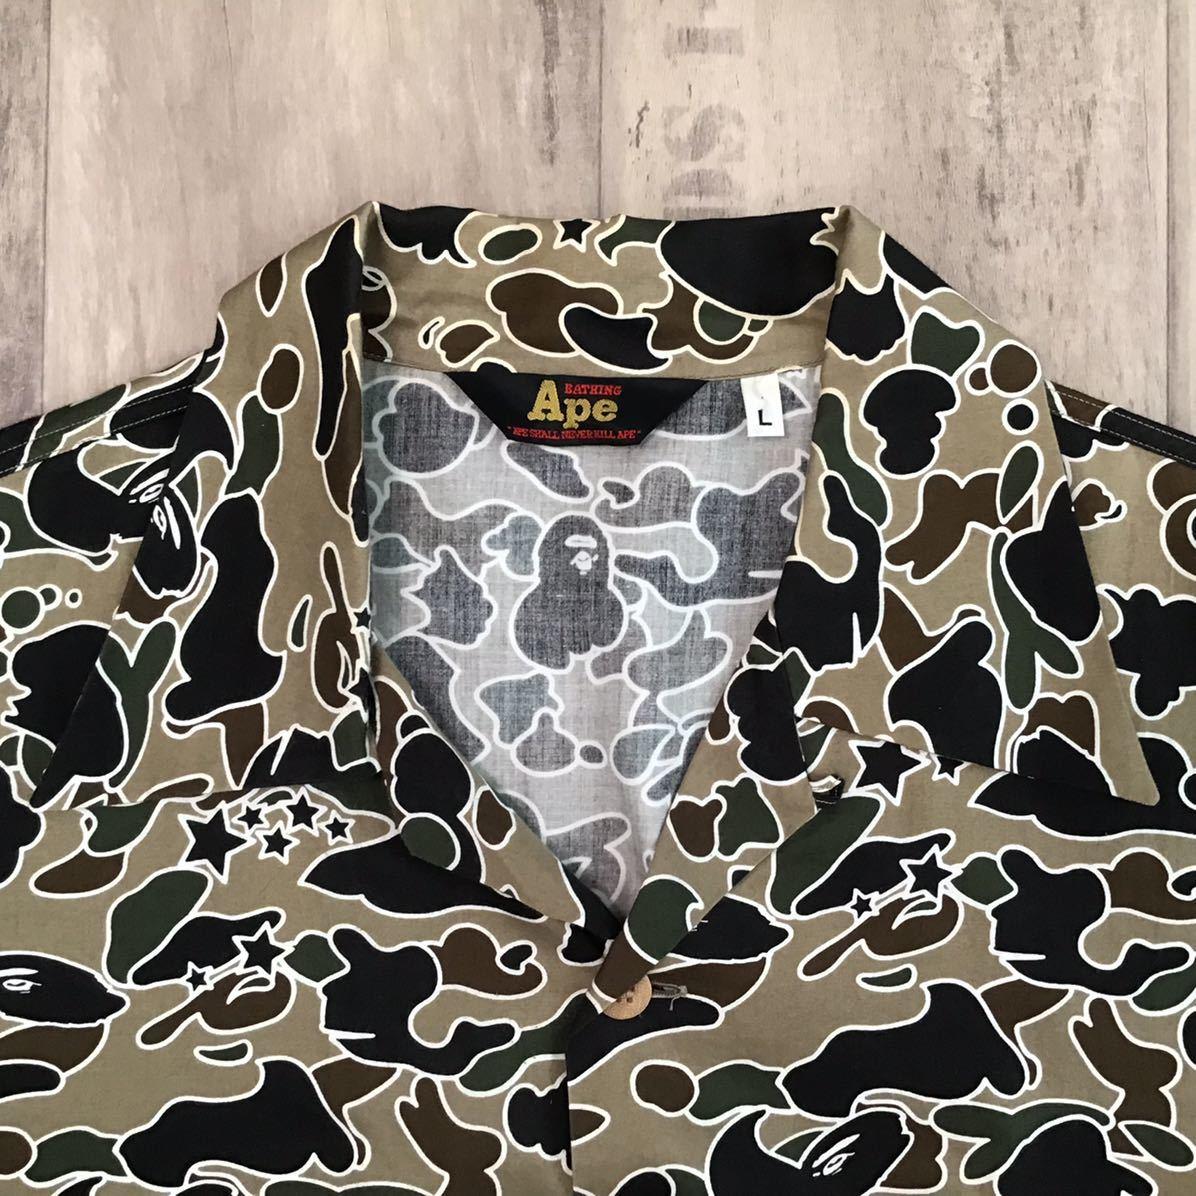 アロハシャツ sta camo green Lサイズ a bathing ape bape 半袖シャツ エイプ ベイプ アベイシングエイプ 迷彩 psyche サイケ 535d